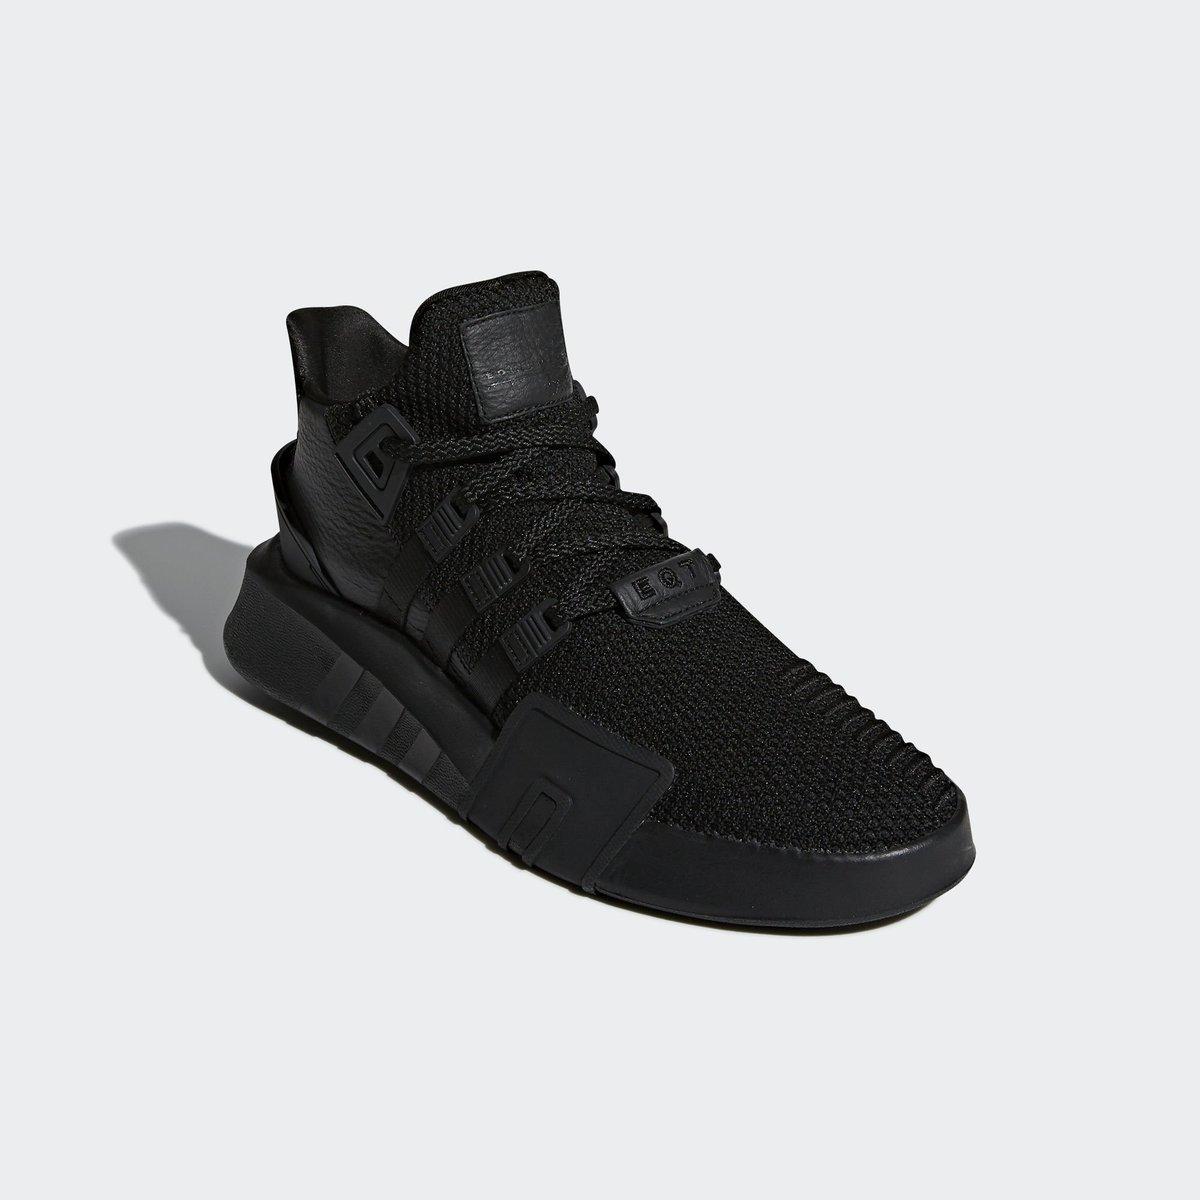 adidas eqt basketball adv all black